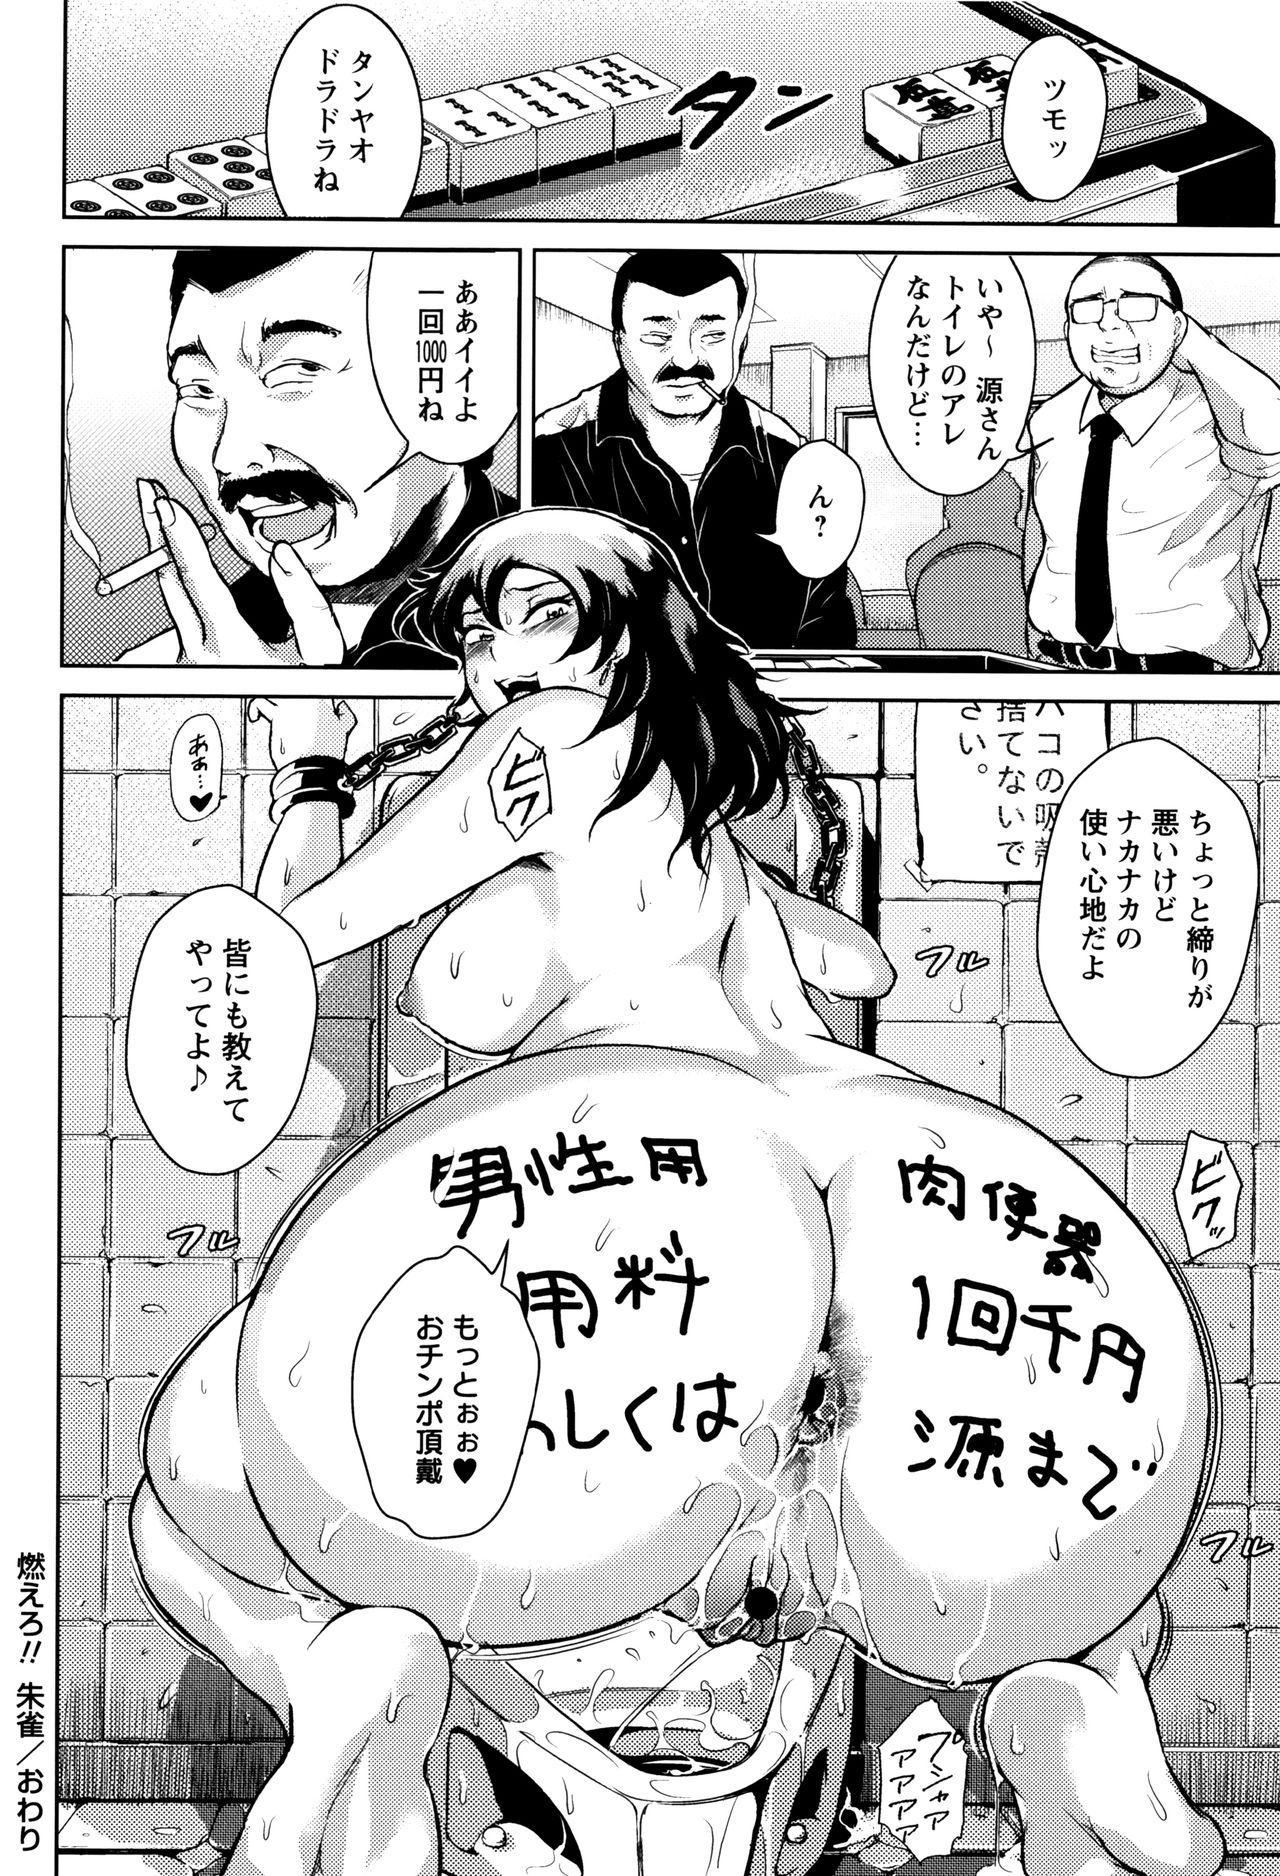 Ero BBA ♥ Dosukebe Ha Sengen 181